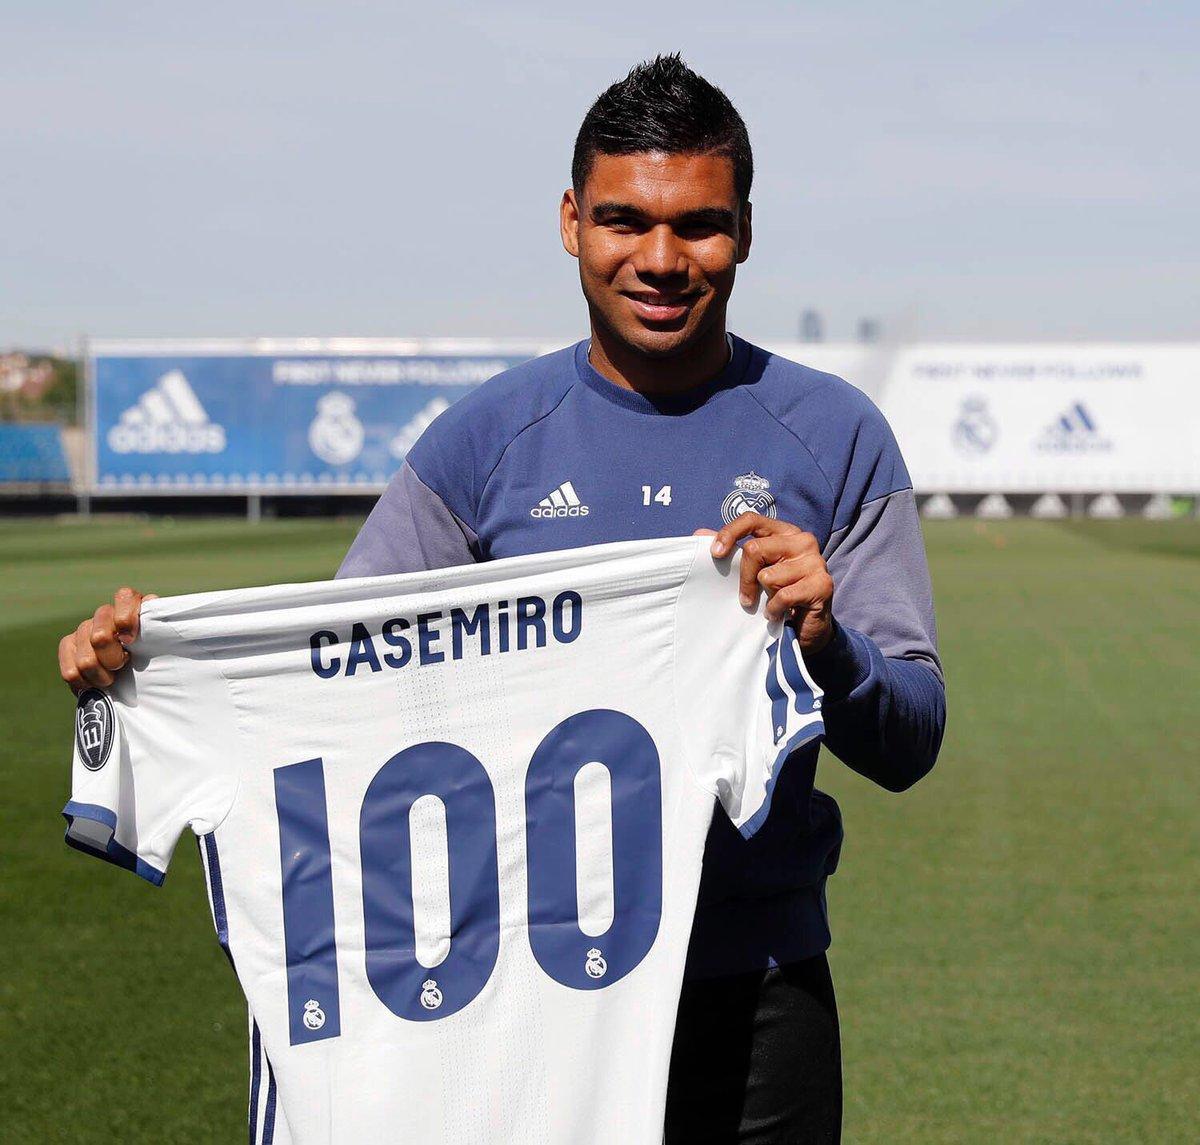 """Casemiro on Twitter """"No son 100 partidos Son 100 sue±os con este"""